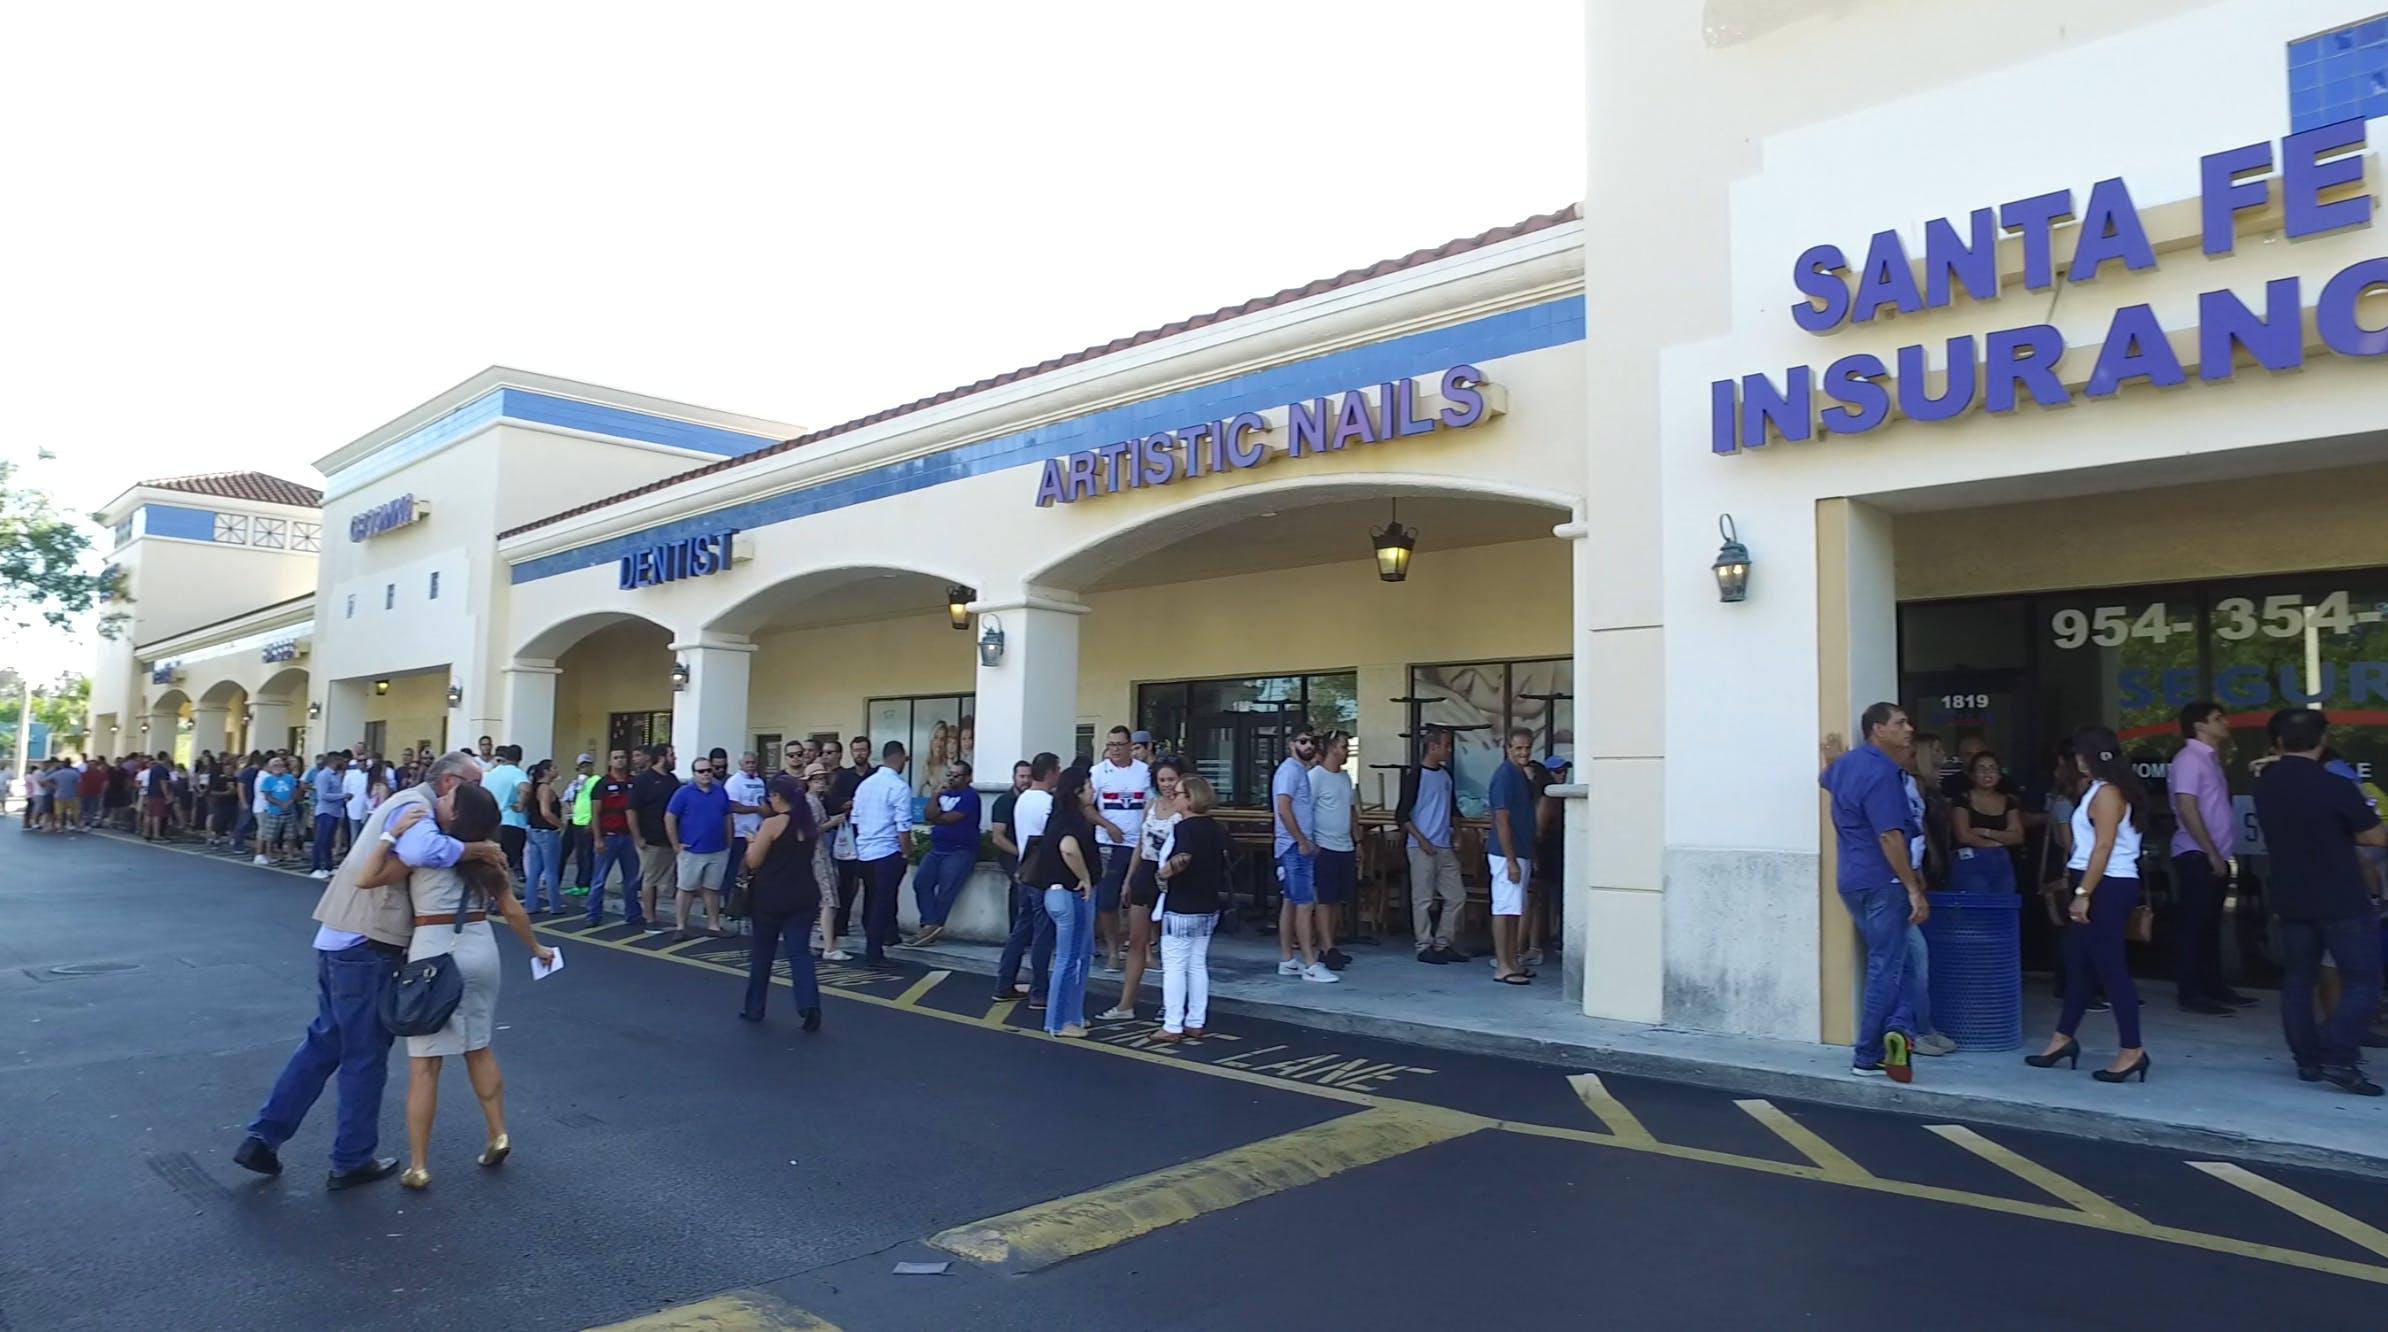 Fila de espera para o evento de Jair Bolsonaro em Deerfield Beach, Flórida no dia 8 de outubro de 2017.